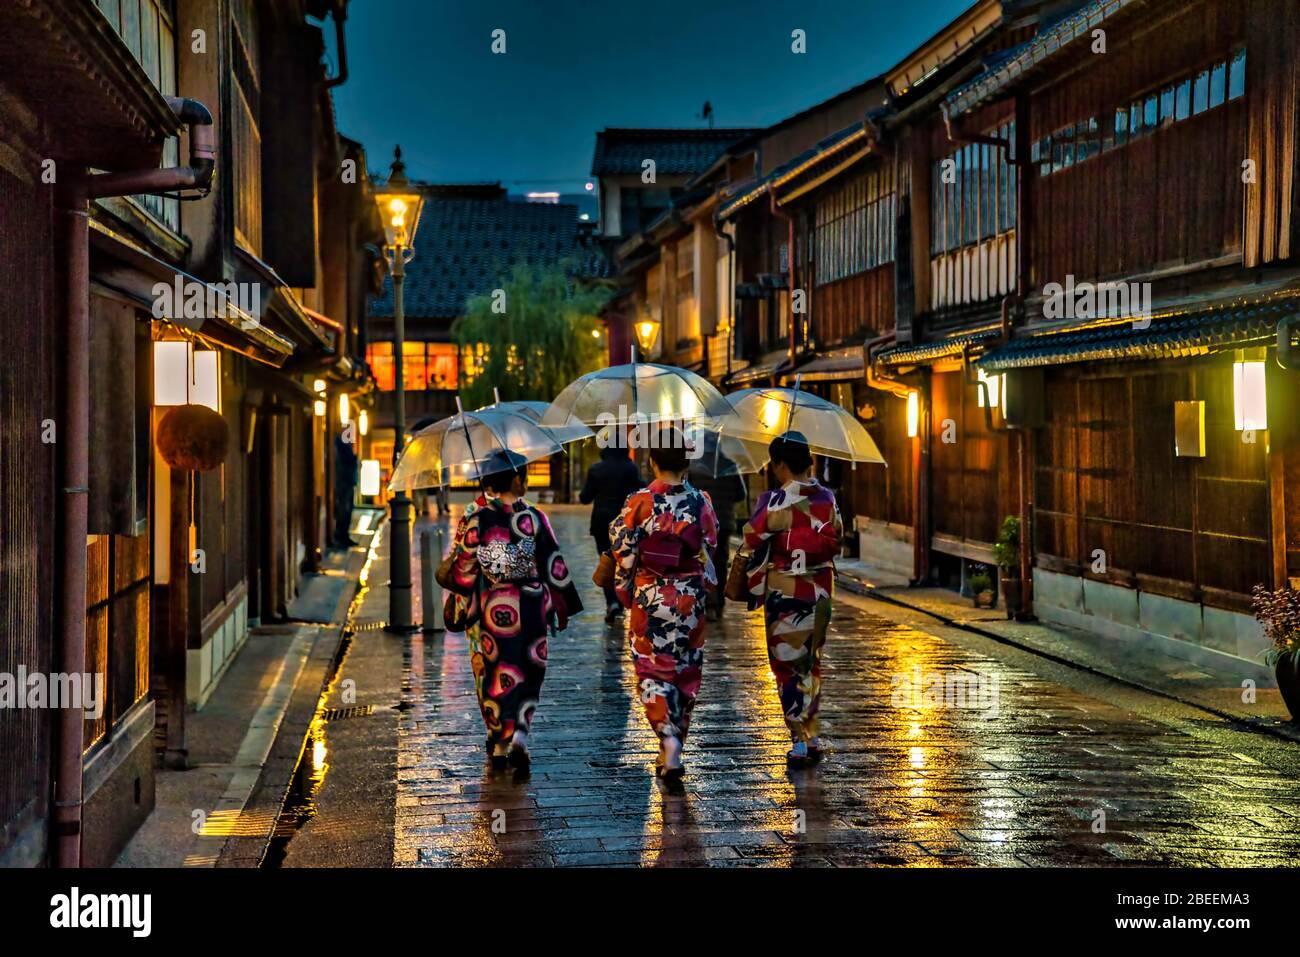 Les femmes dans les kimono traditionnels marchant dans le quartier de Higashi Chaya la nuit sous la pluie, Kanazawa, Japon. Banque D'Images